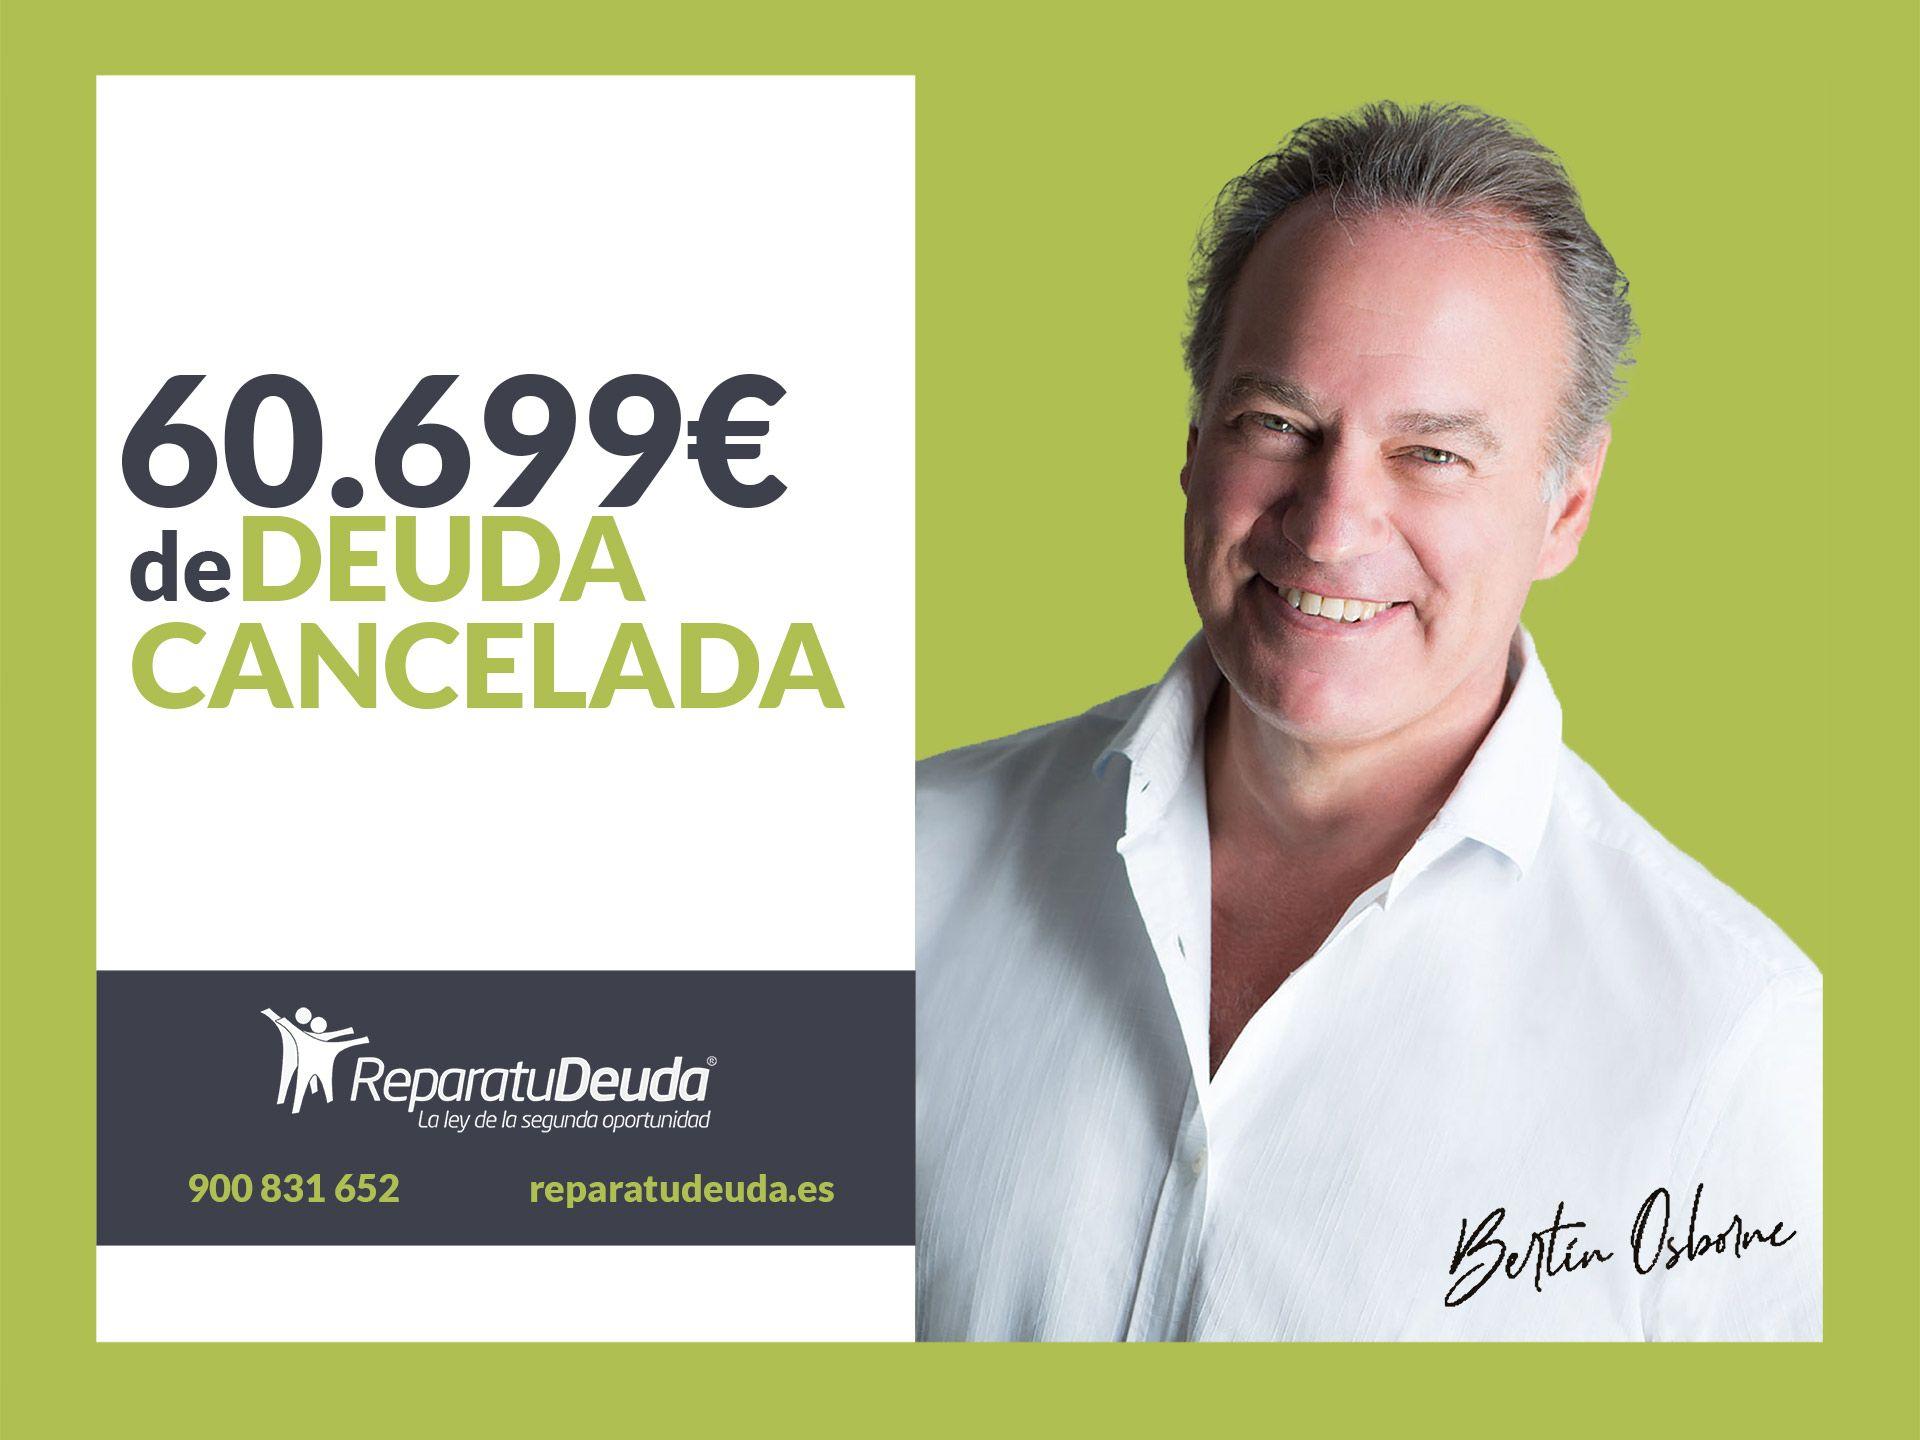 Repara tu Deuda Abogados cancela 60.699 ? en Barcelona con la Ley de Segunda Oportunidad